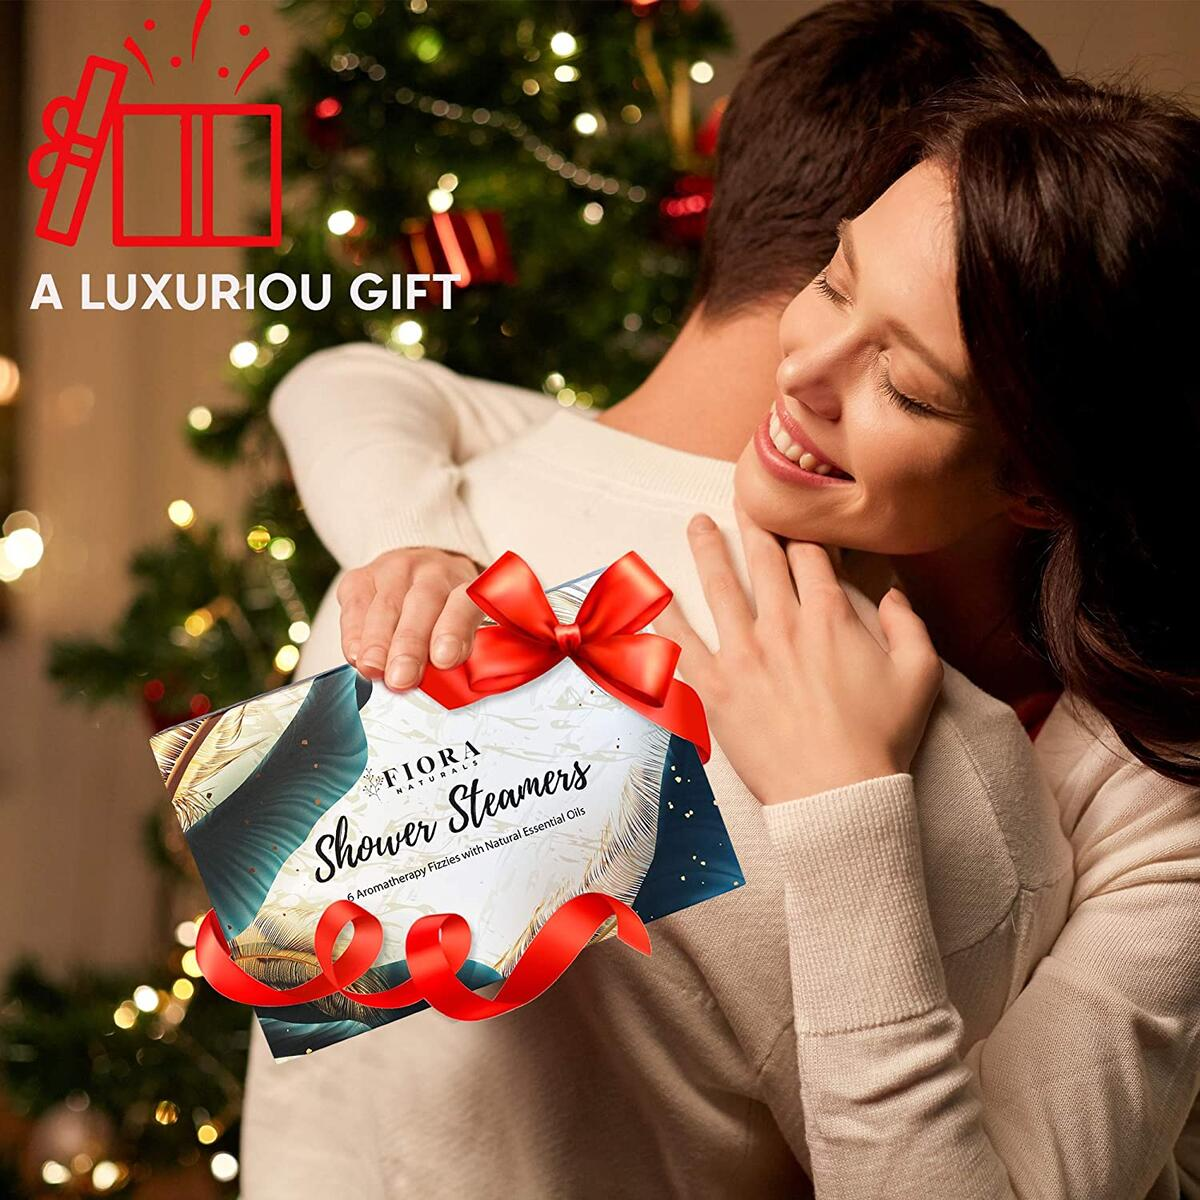 Fiora Naturals Shower Steamer Aromatherapy Gift